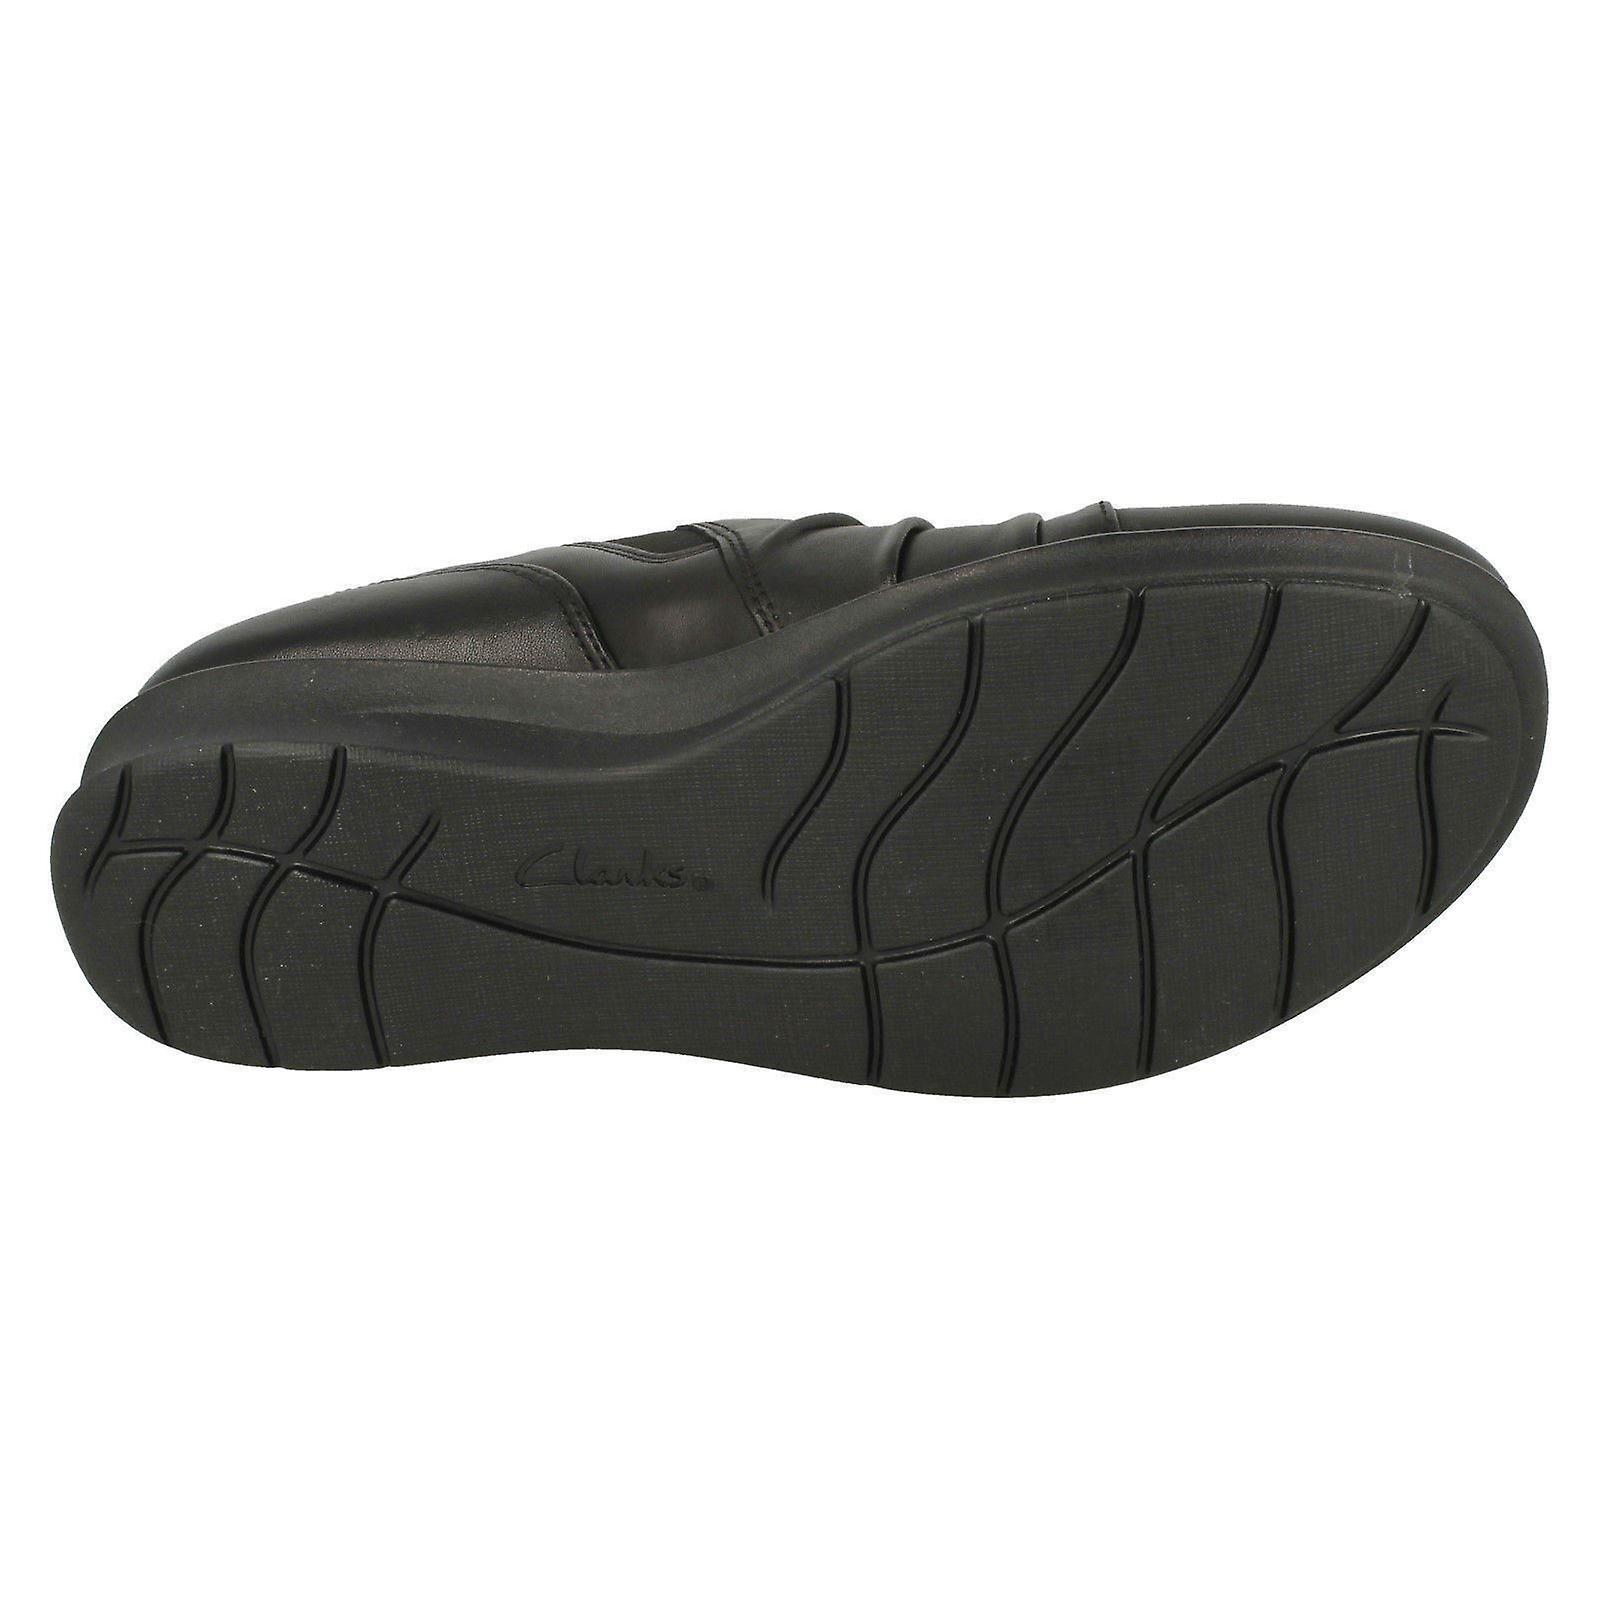 Ladies Clarks kile hæl sko håp Roxanne